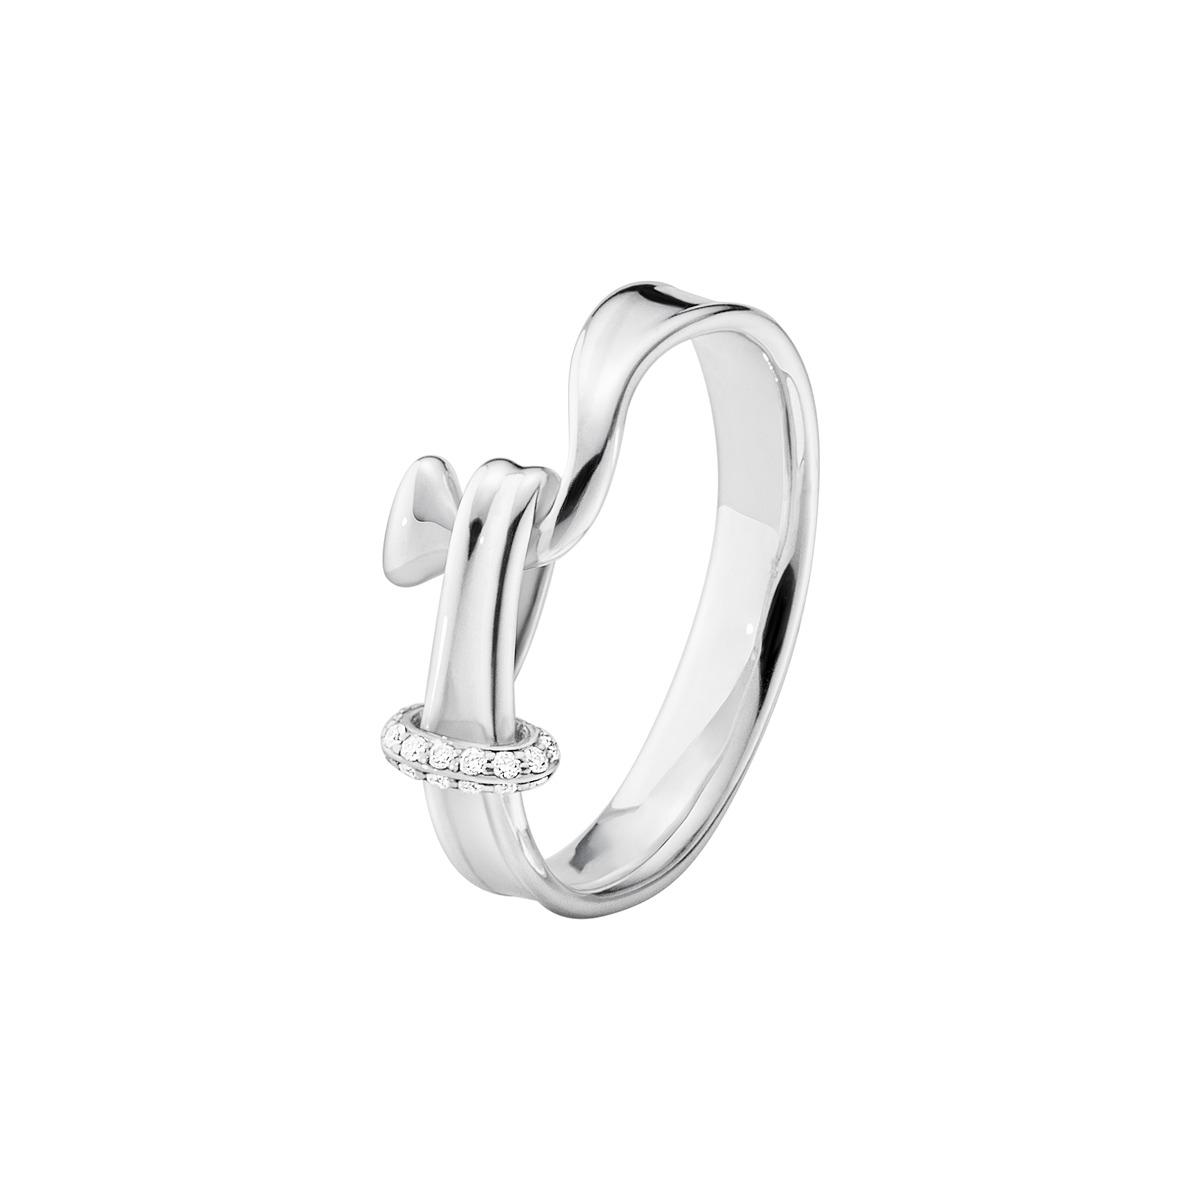 Georg Jensen TORUN ring - 3560680 sølv / 0,06 ct 49